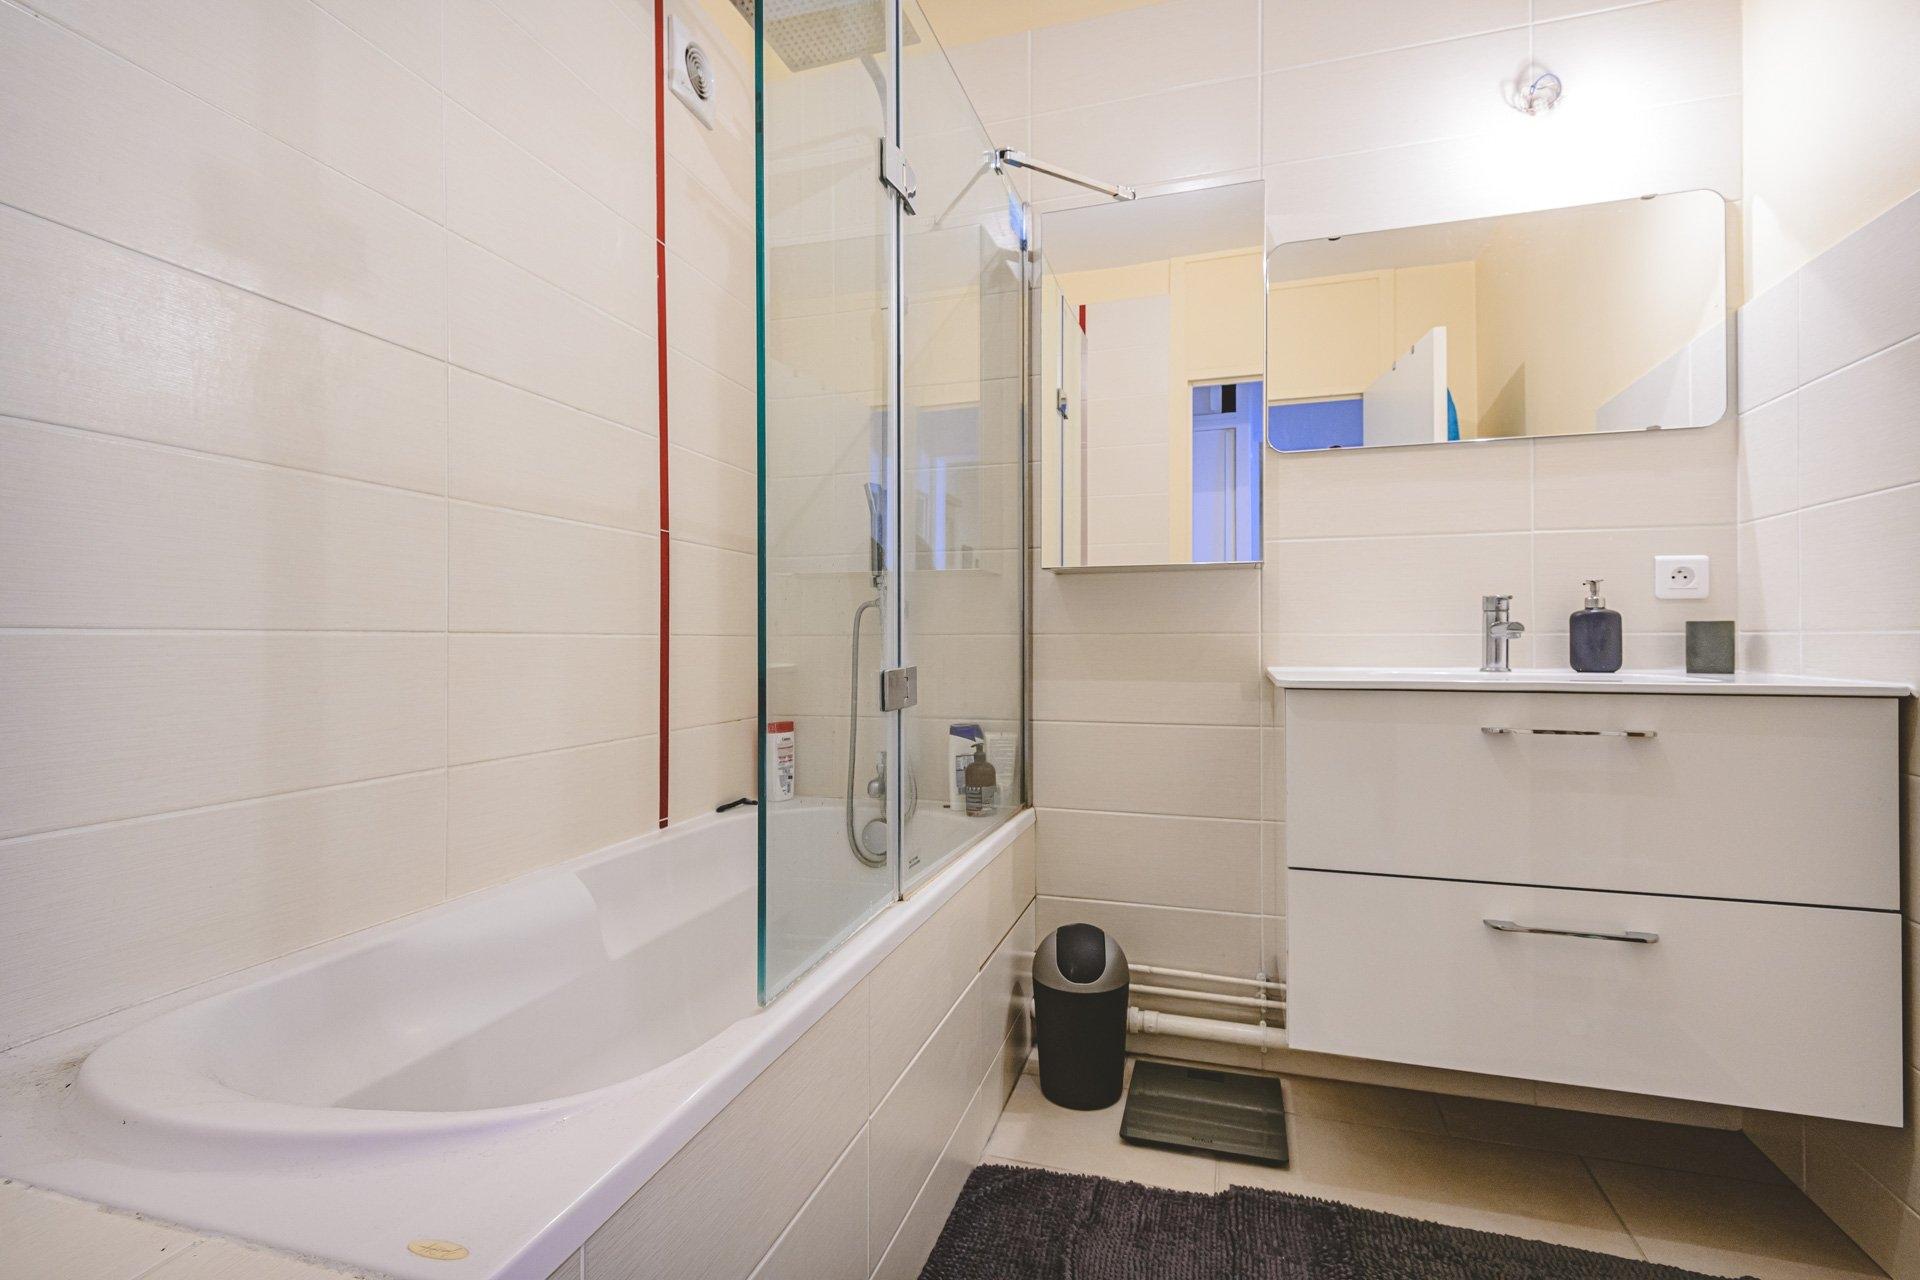 Appartement Reims 4 Pièces 80 m2 - 4